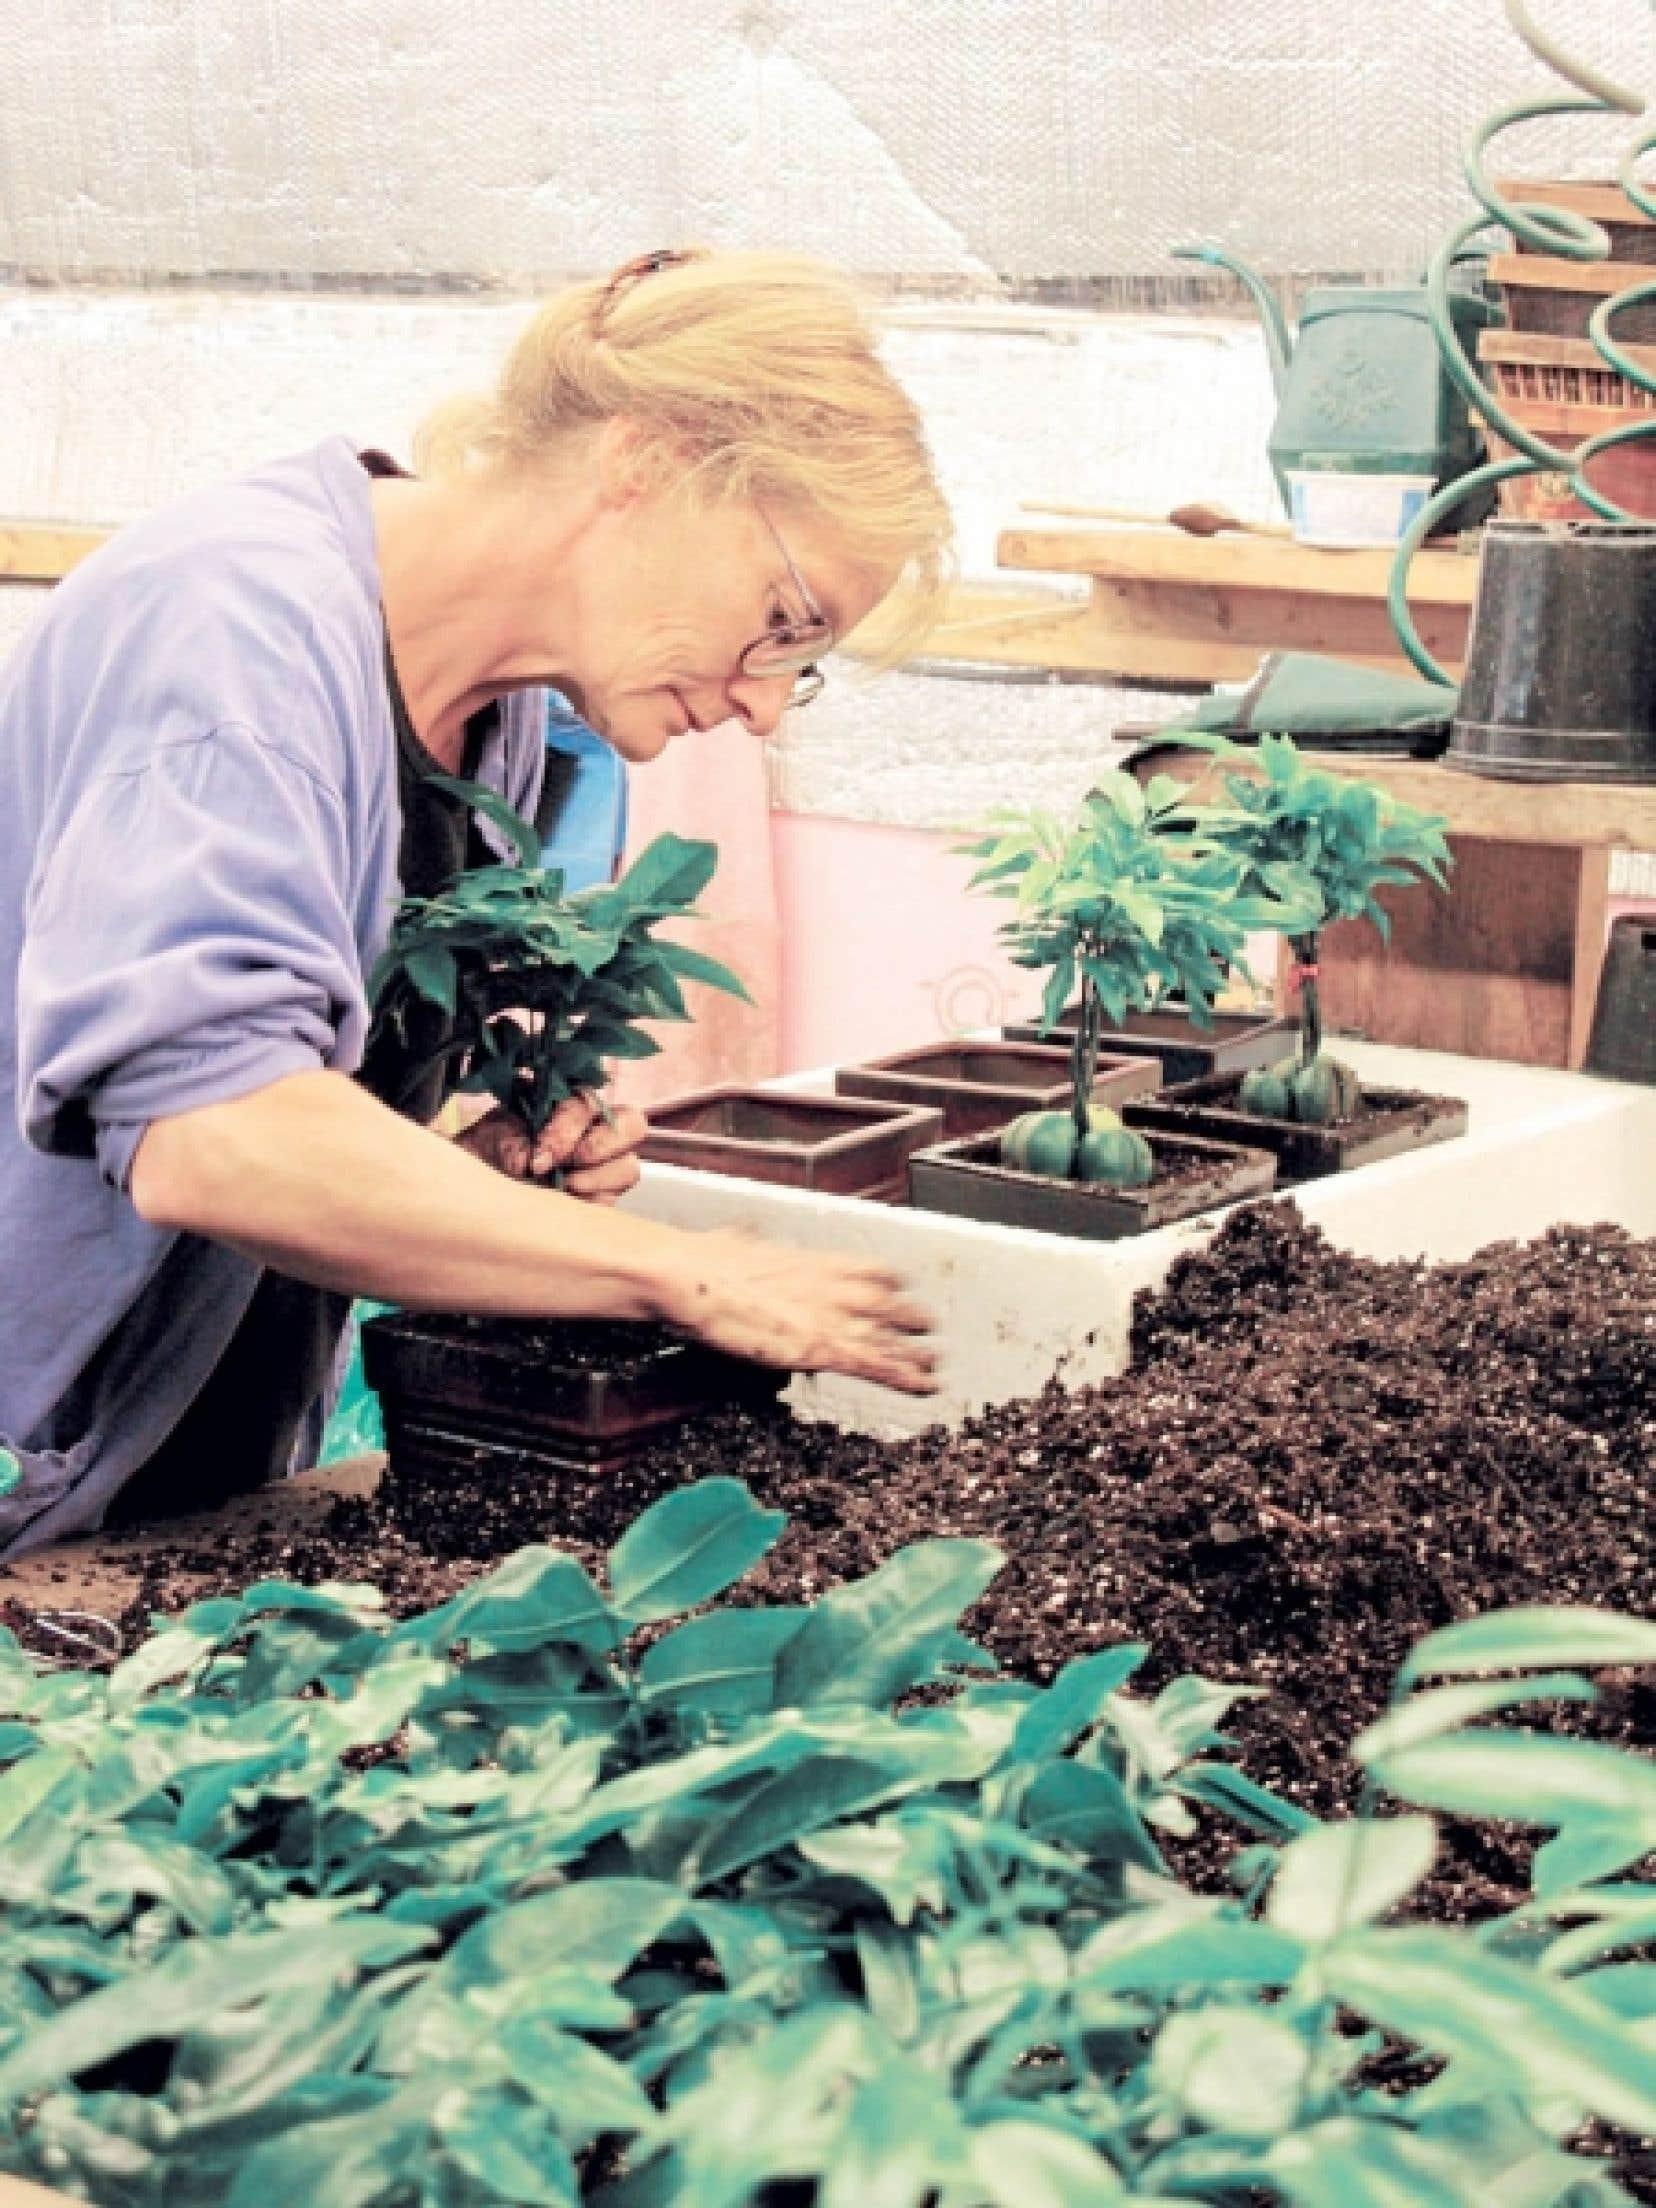 Il y a 25 ans, la production se limitait à 5000 petits arbres à pot. Aujourd'hui, elle s'élève à 60 000 bonsais et 400 000 bambous